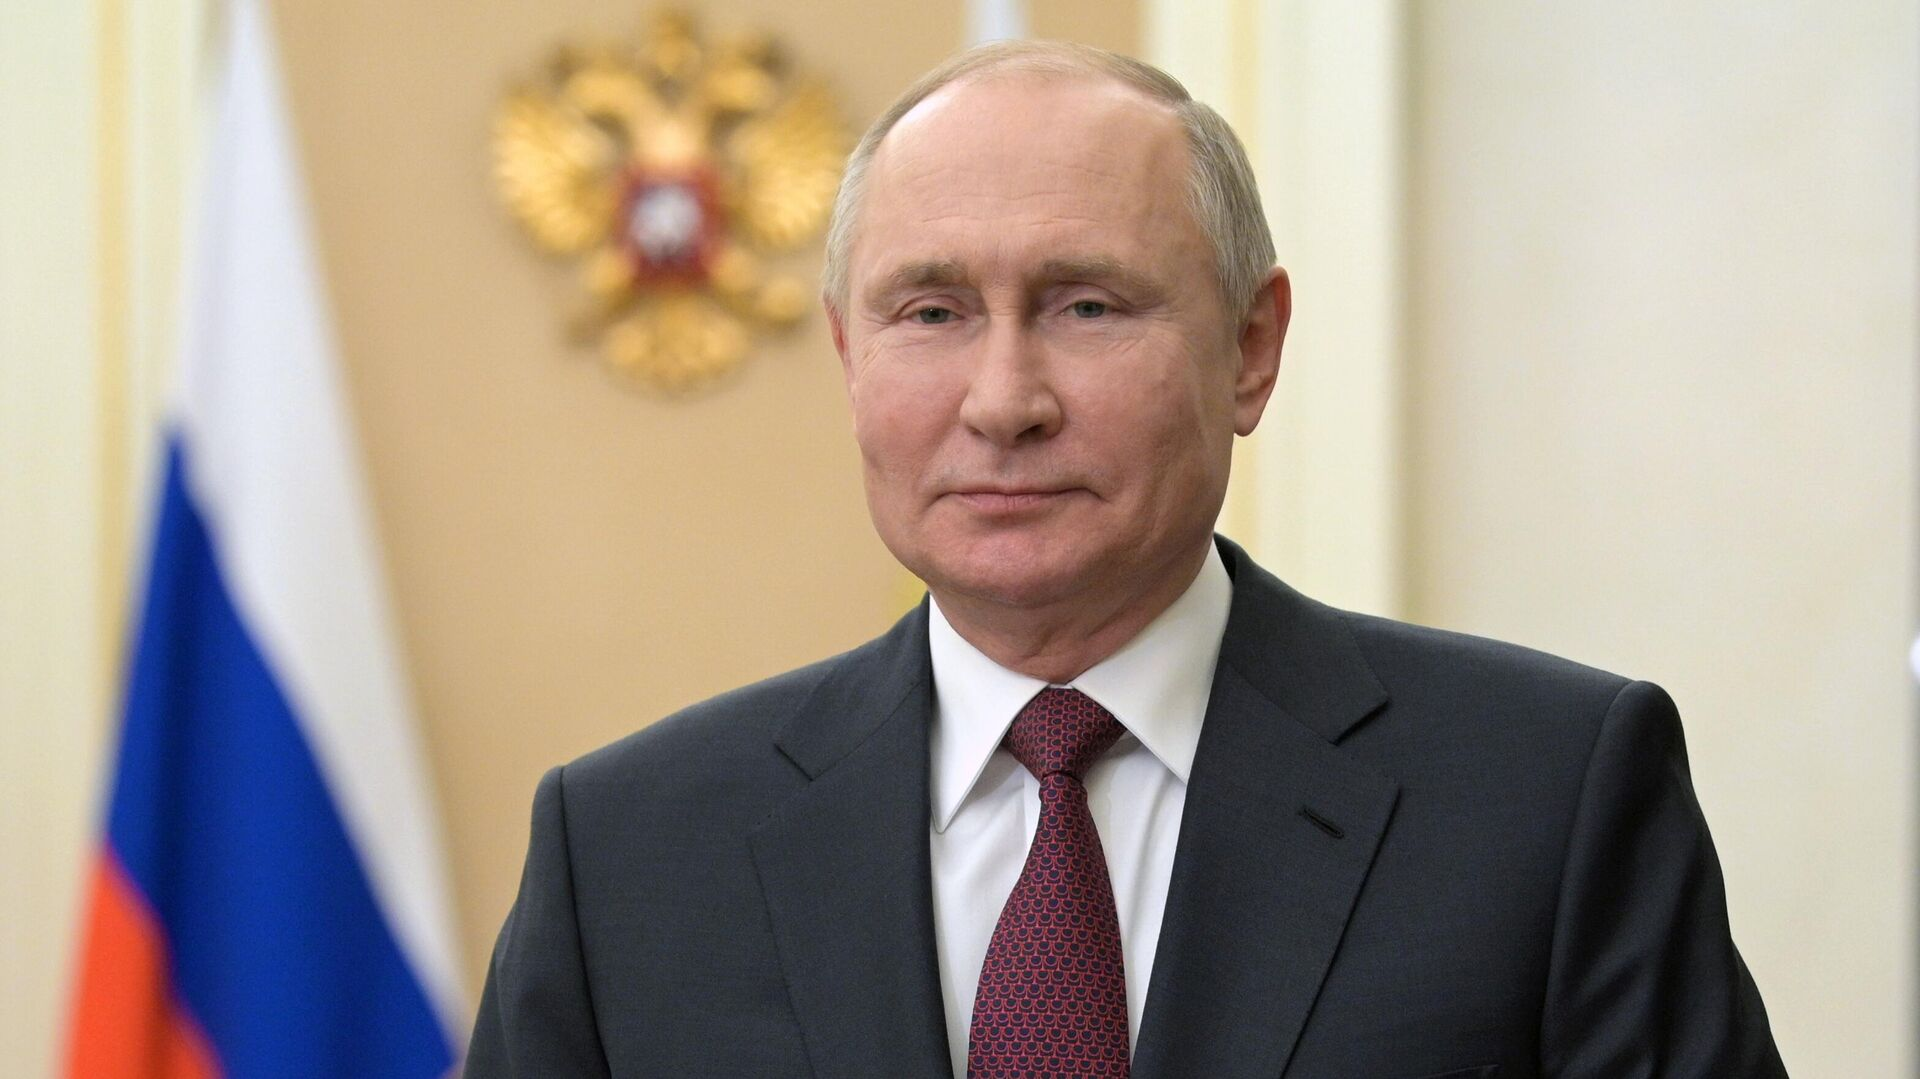 Vladímir Putin, el presidente de Rusia - Sputnik Mundo, 1920, 20.07.2021